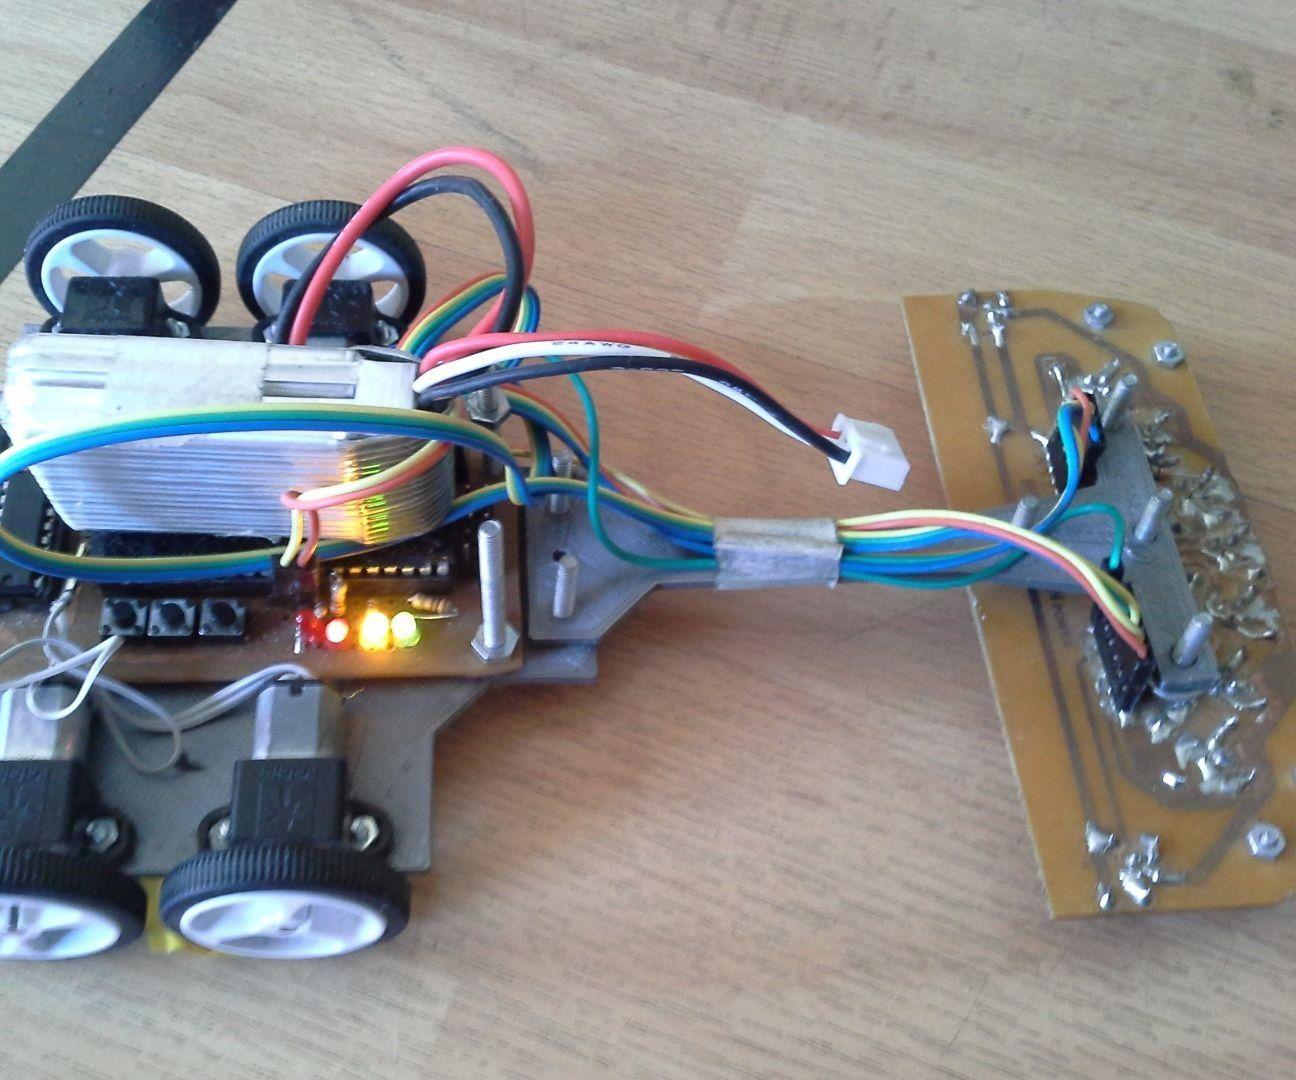 High Performance Line Follower Robot Electronics